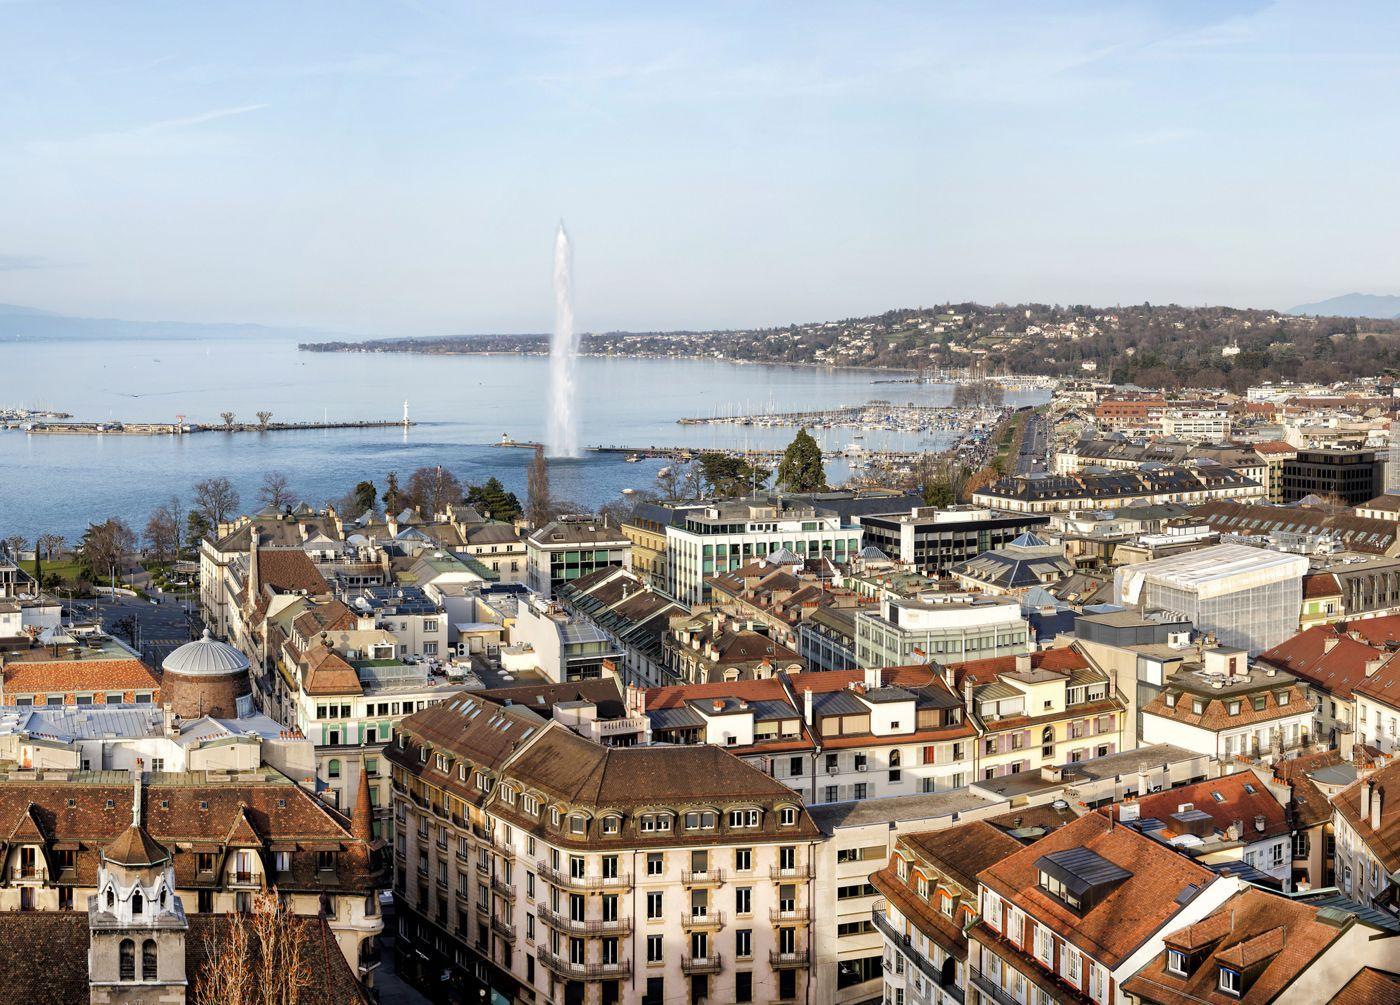 Genevas glamorous side see how the city lavishes